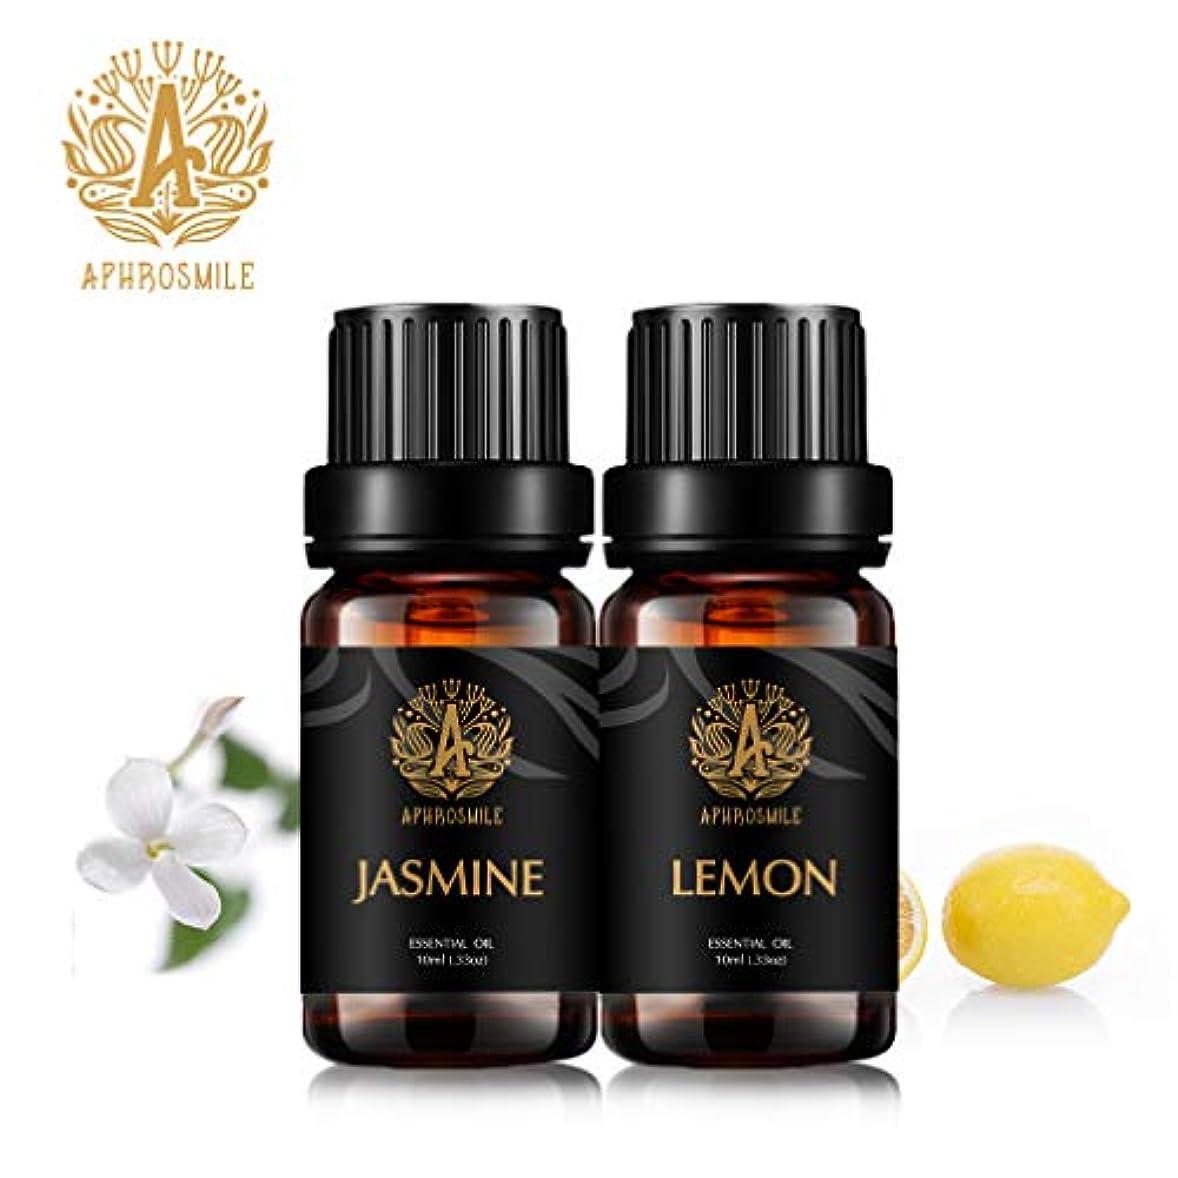 私の拡張人工APHORSMILE JP 100% 純粋と天然の精油、レモン/ジャスミン、2 /10mlボトル - 【エッセンシャルオイル】、アロマテラピー/デイリーケア可能